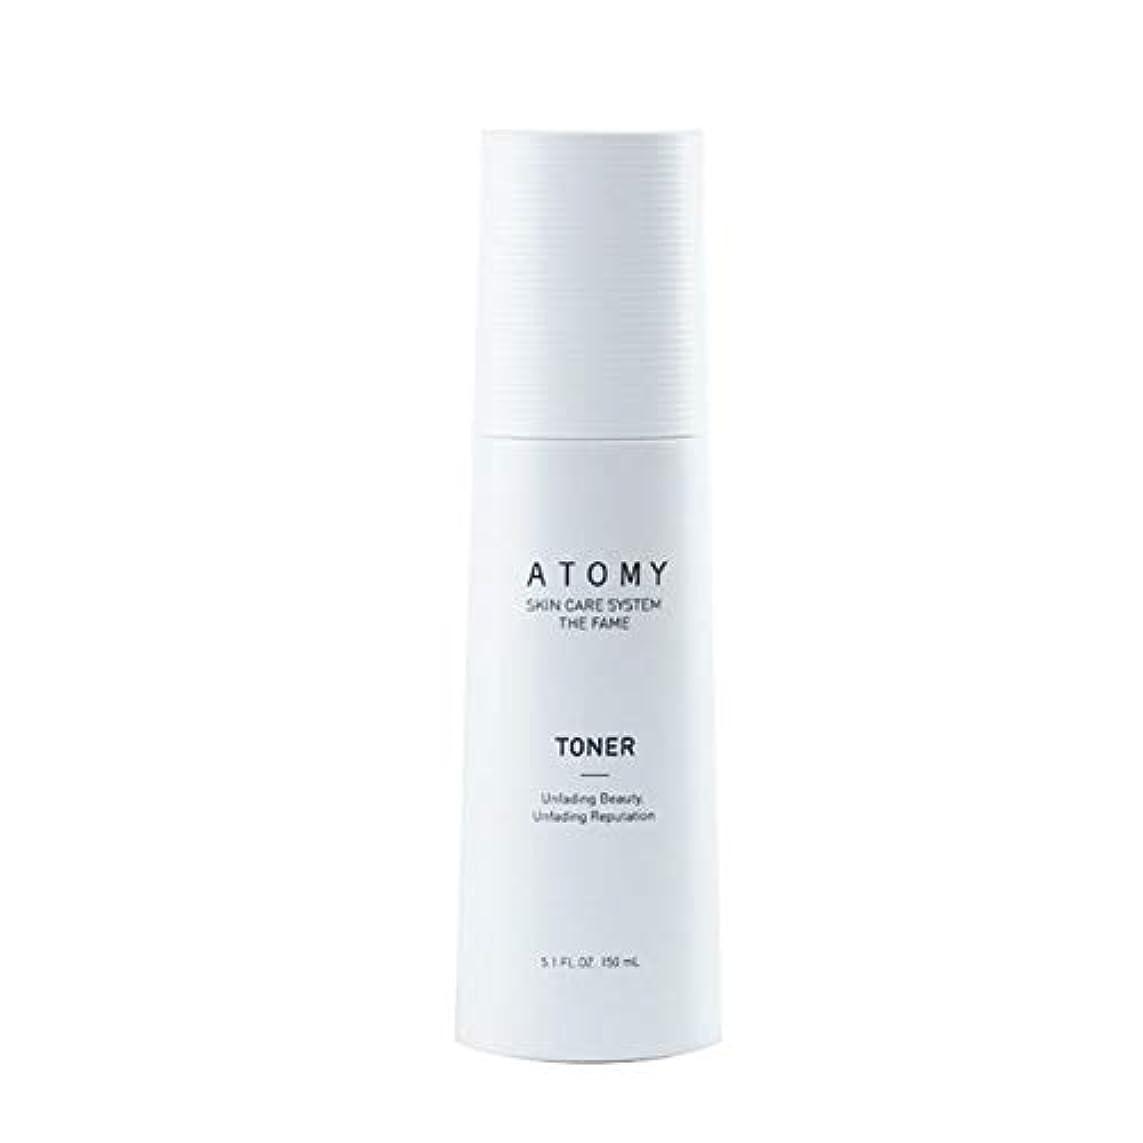 トレイモノグラフどちらかアトミザ?フェームトナー150ml韓国コスメ、Atomy The Fame Toner 150ml Korean Cosmetics [並行輸入品]